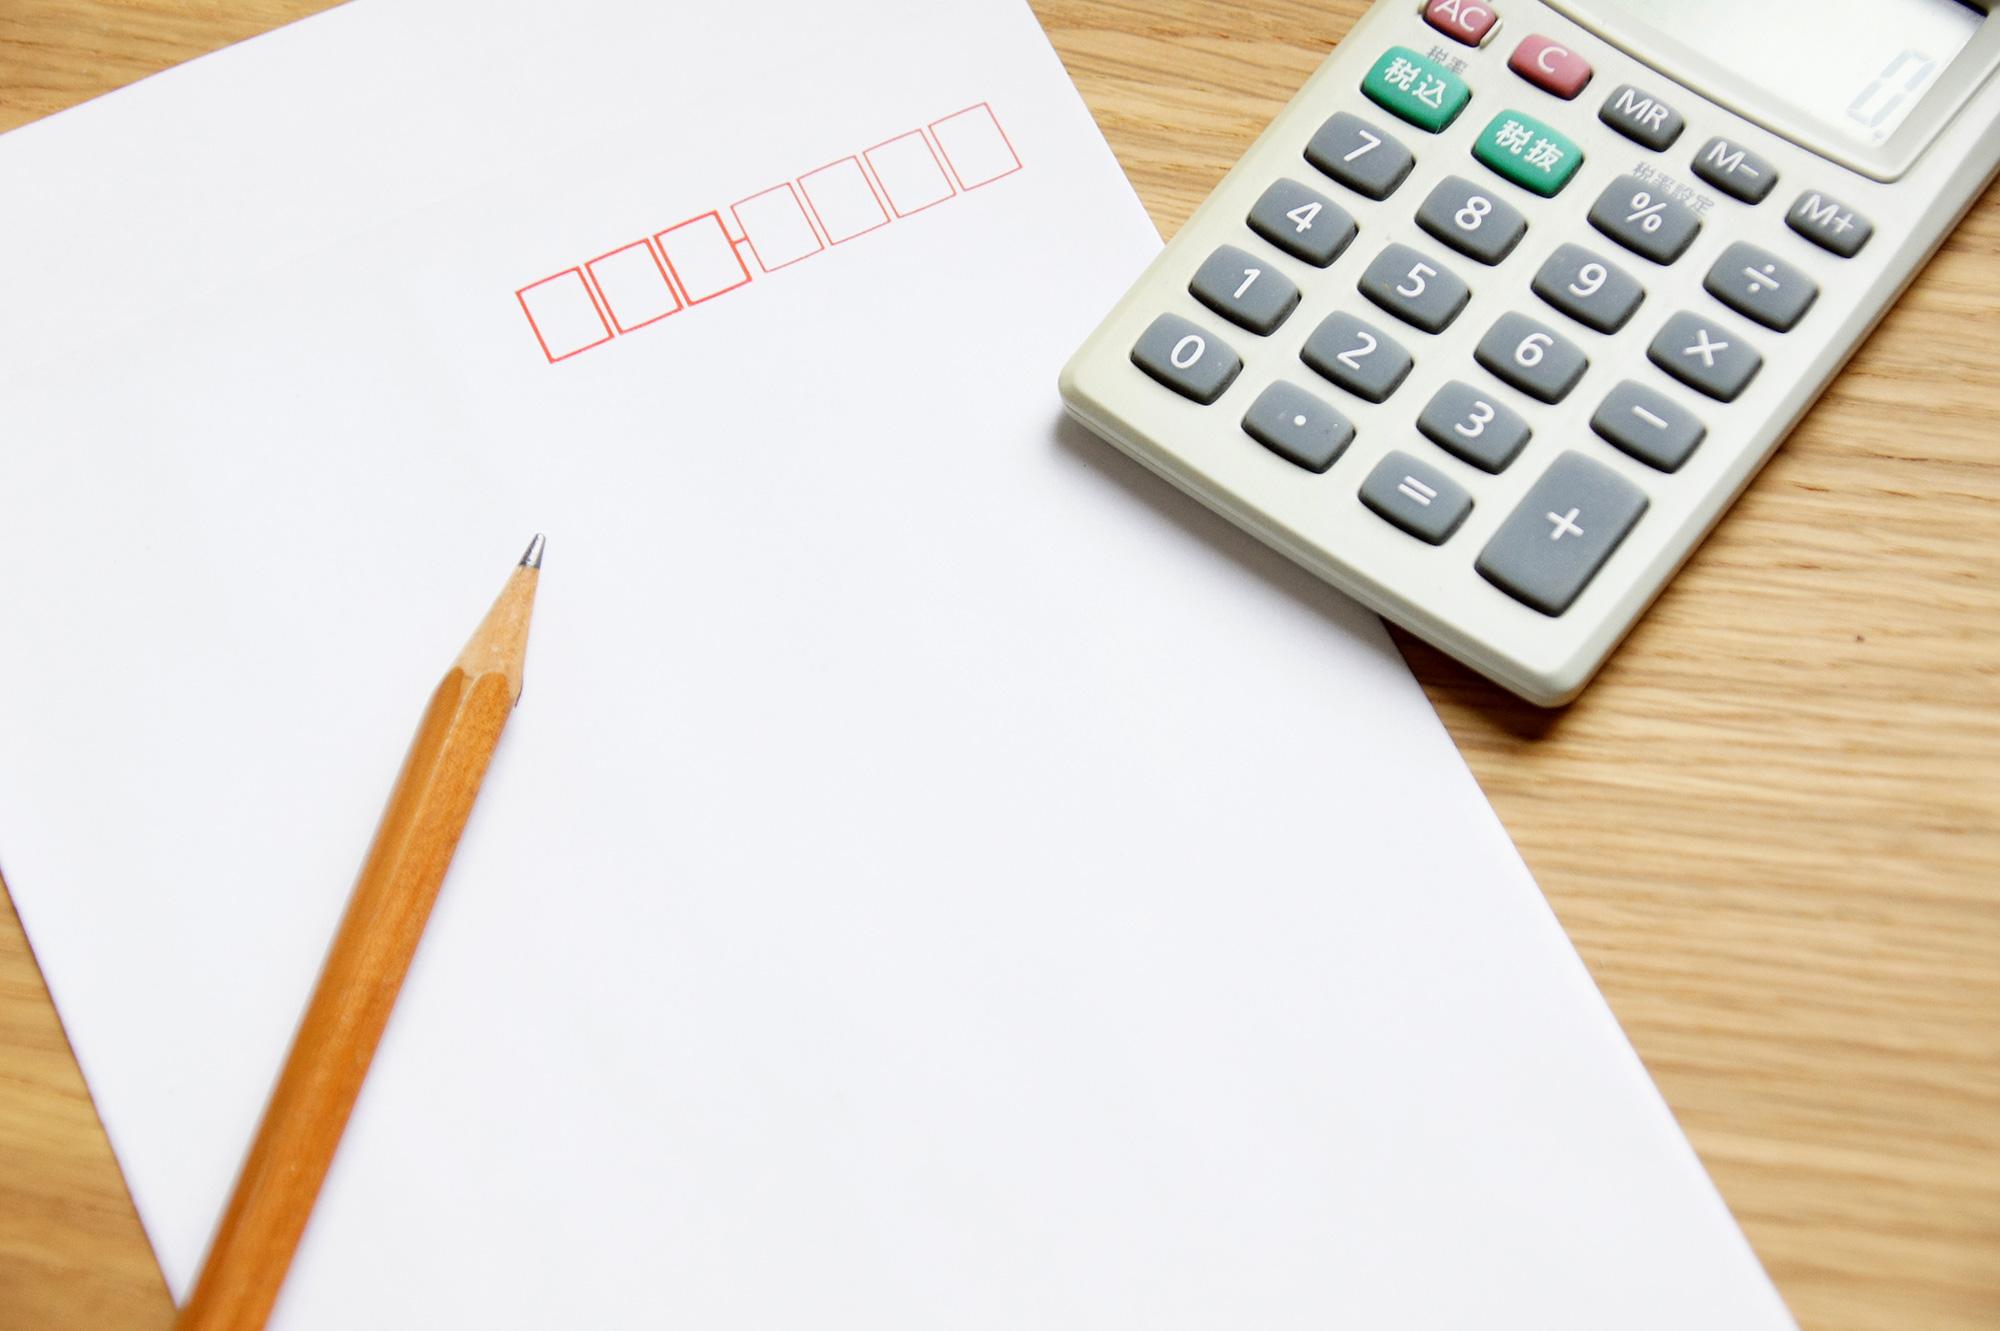 電卓と封筒と鉛筆の写真のフリー素材